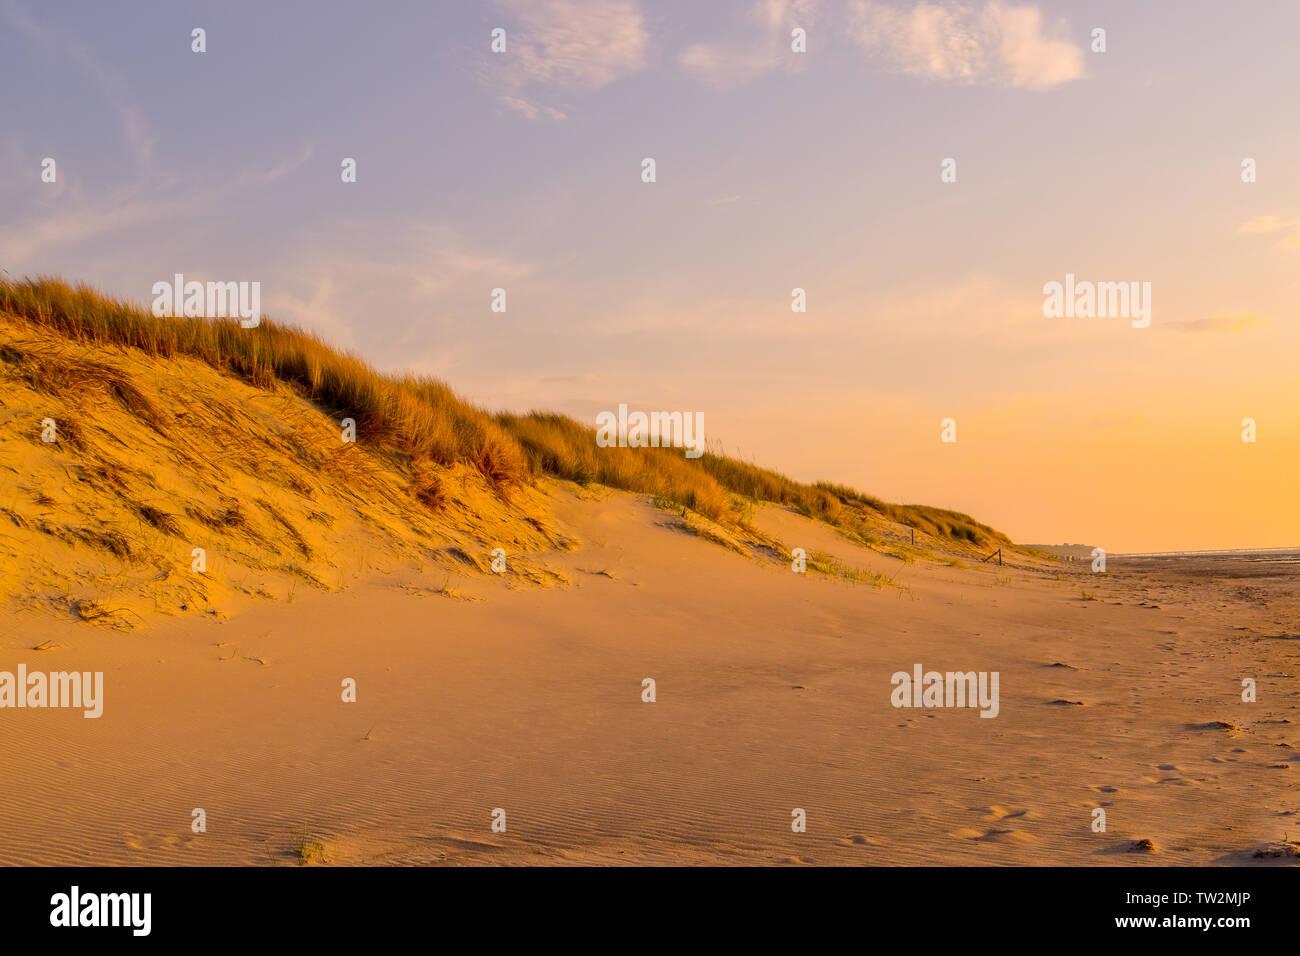 Sonnenuntergang an der Ostsee Stock Photo